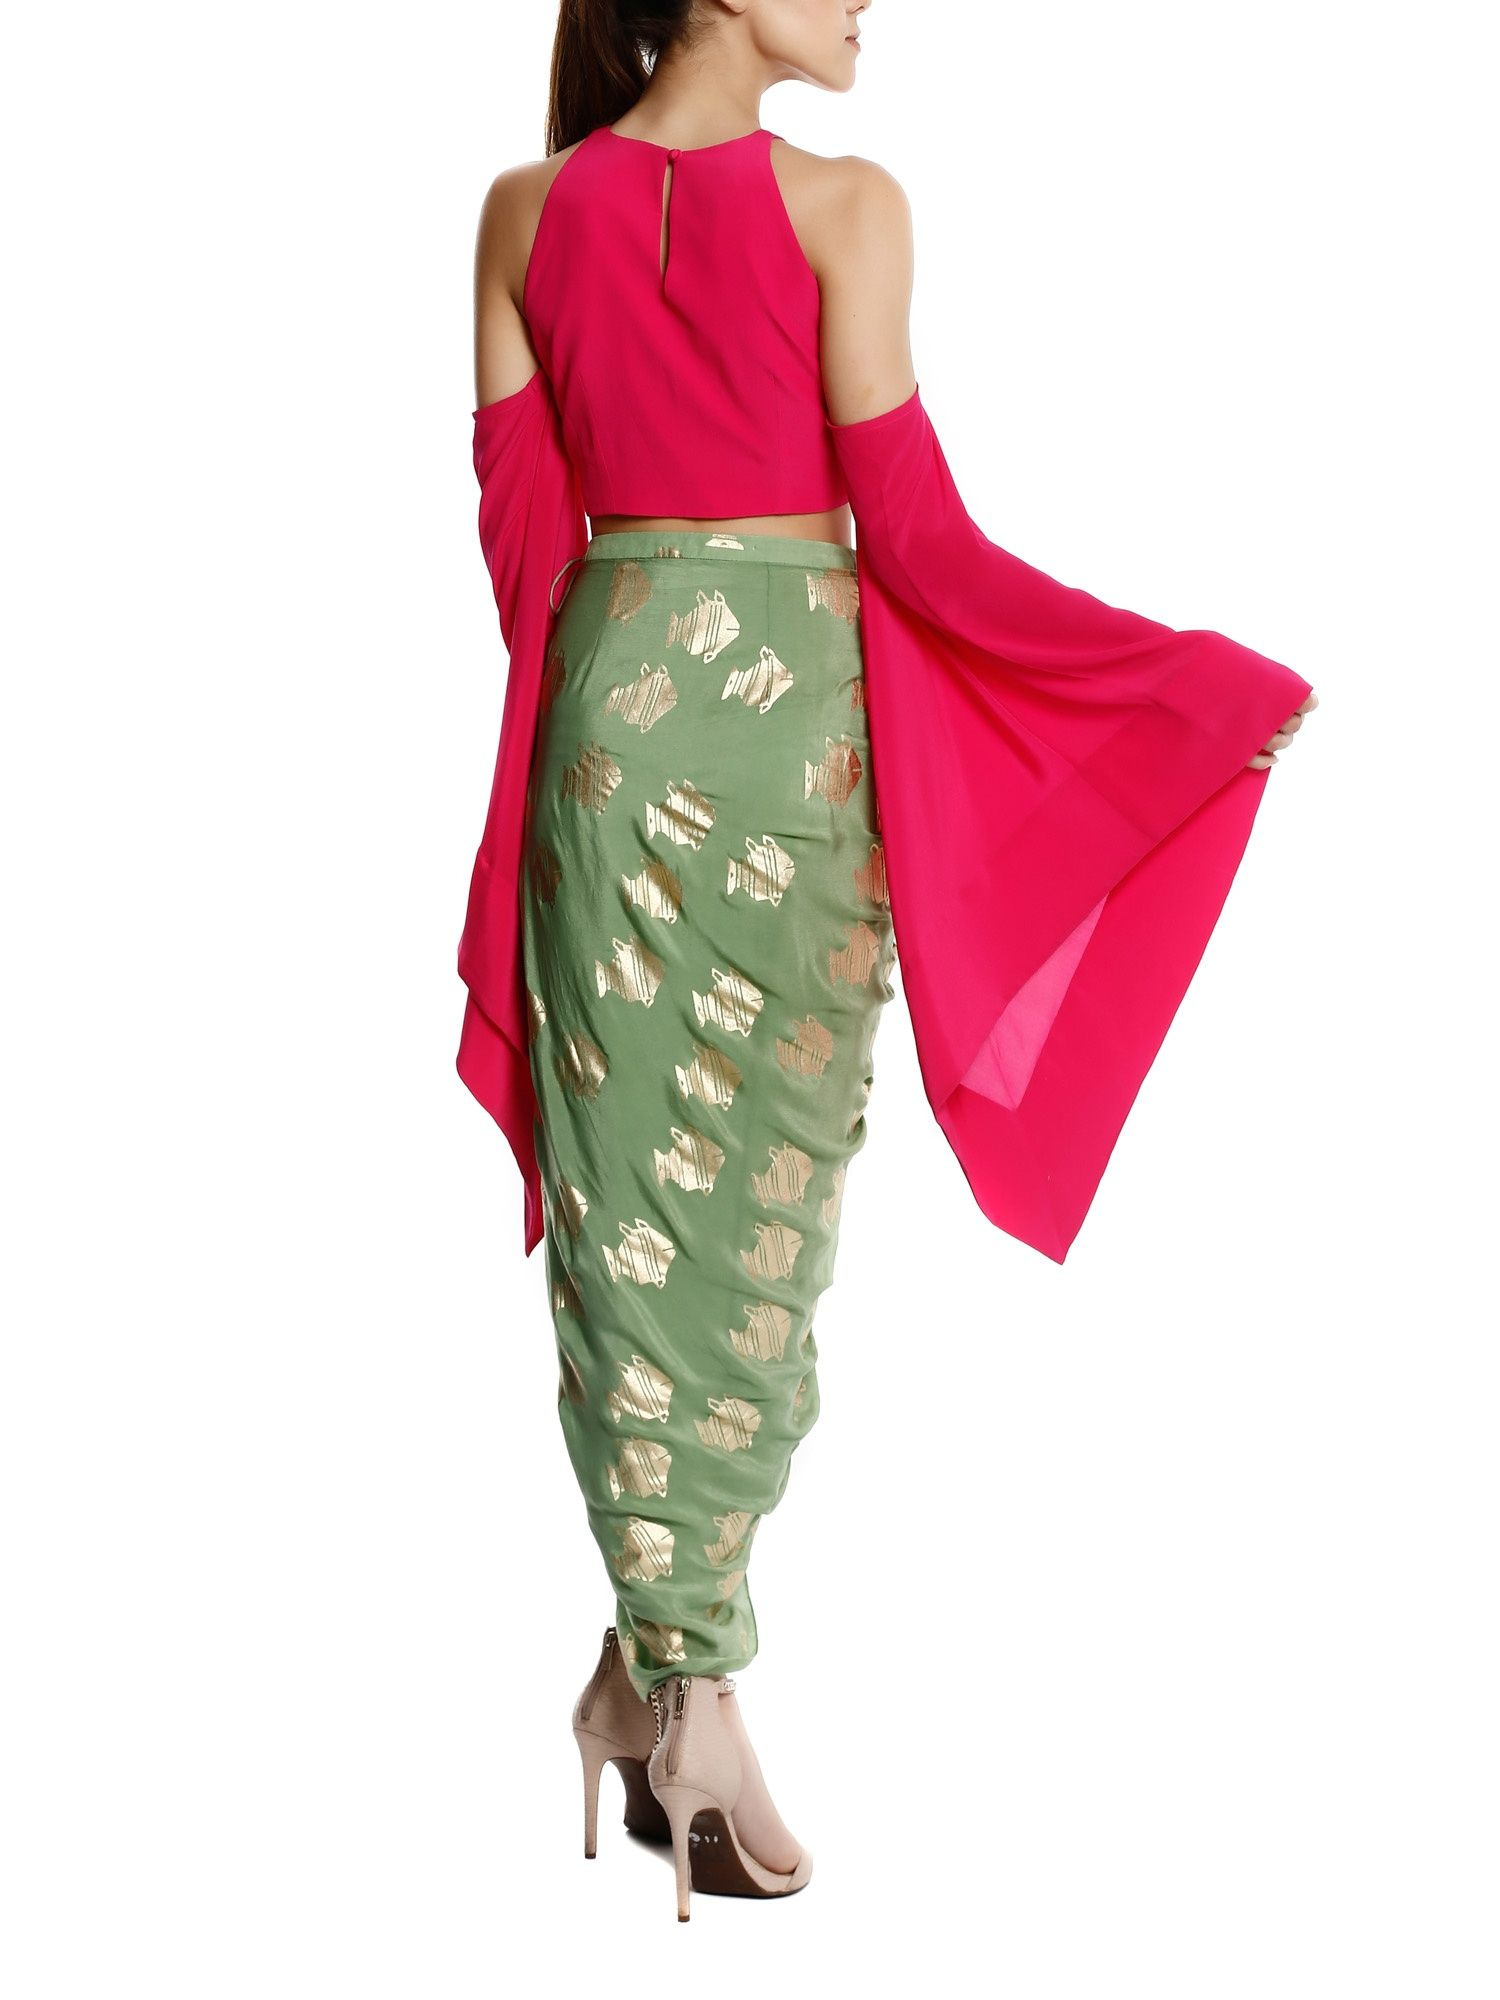 98b9b2be3ed642 Masaba Shirts Tops and Crop Tops : Buy Masaba Pink Kalash ...